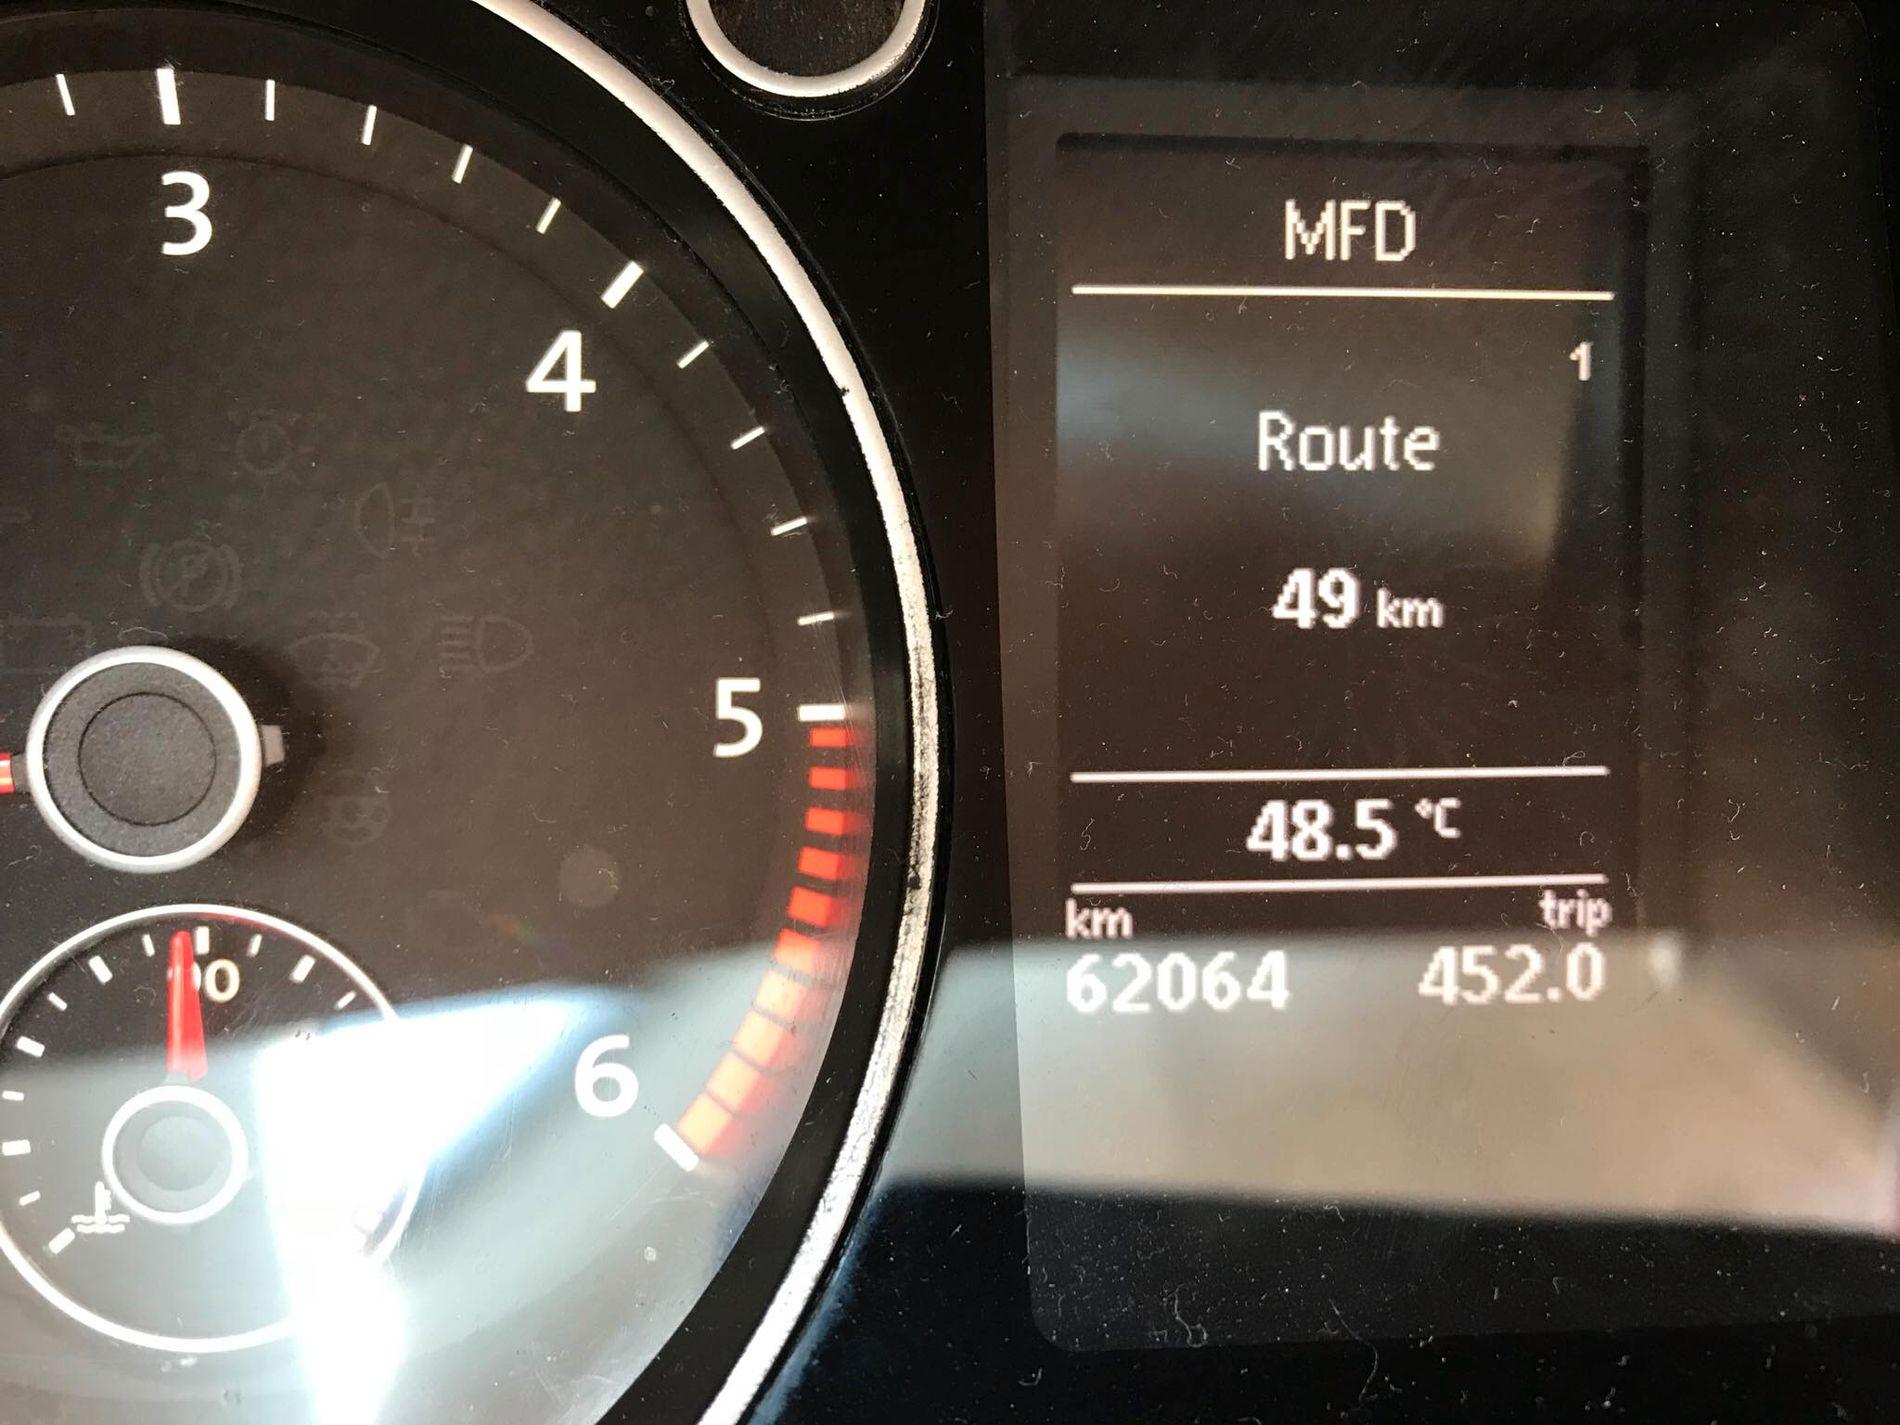 EKSTREM VARME: Marit Johannessen tok dette bildet av temperaturmåleren i formiddag. Hun er for tiden på ferie Torrevieja i Spania, som er et av stedene varmen toppet seg denne uken.